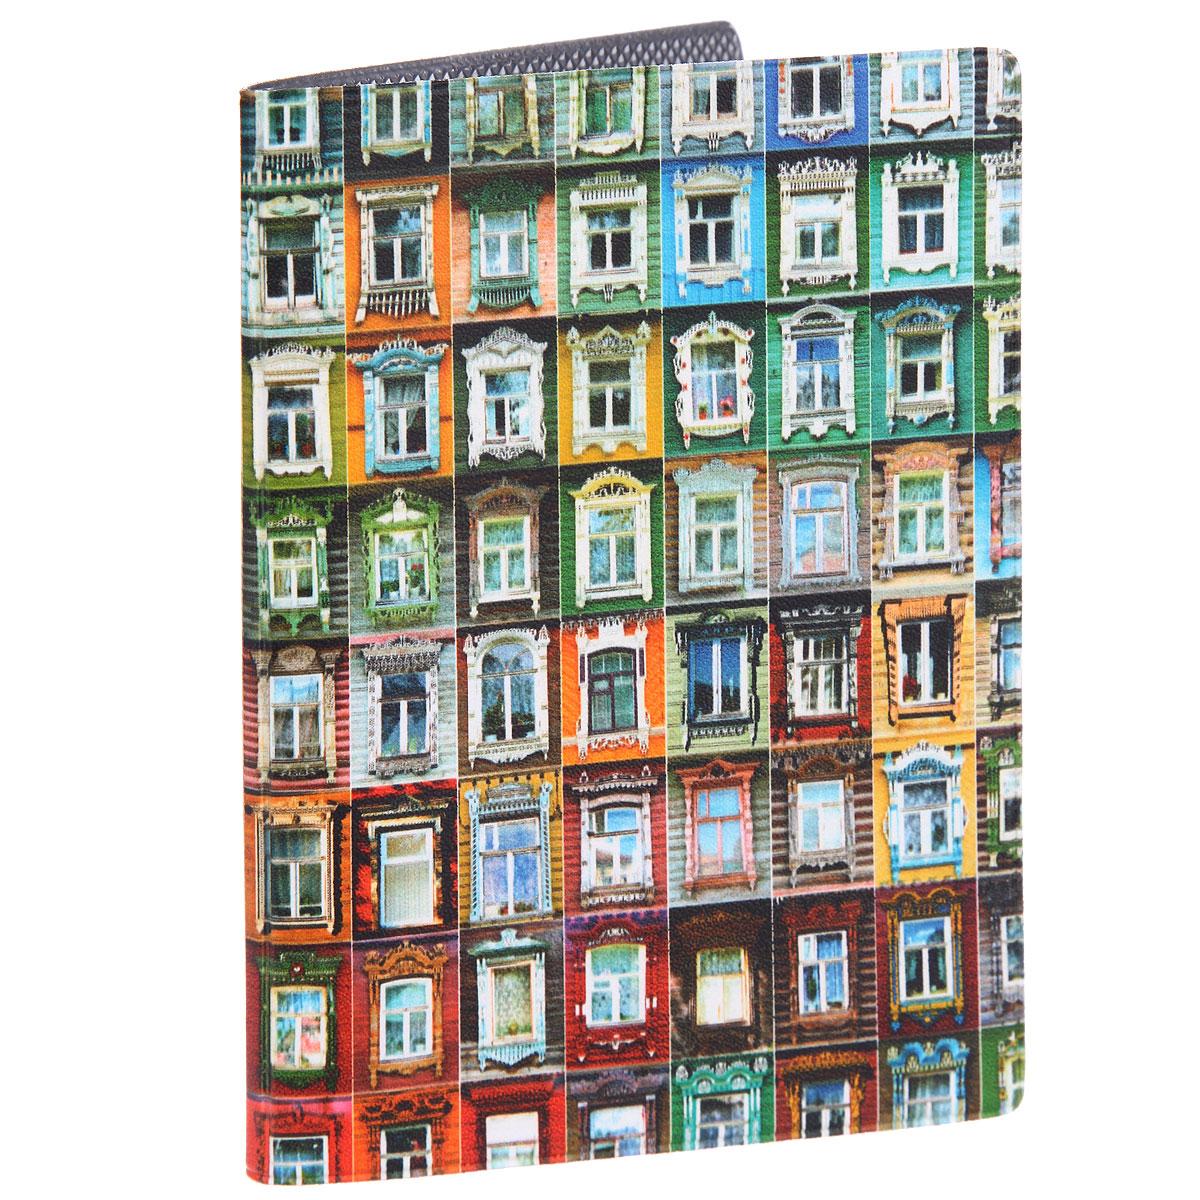 Обложка для паспорта Маленькие окна. OZAM374OZAM374Стильная обложка для паспорта Mitya Veselkov Маленькие окна выполнена из искусственной кожи. Обложка оформлена принтом с изображением окон. Яркая обложка Mitya Veselkov Маленькие окна не только поможет сохранить внешний вид ваших документов, а также защитит их от повреждений, но и станет стильным аксессуаром, идеально подходящим вашему образу.